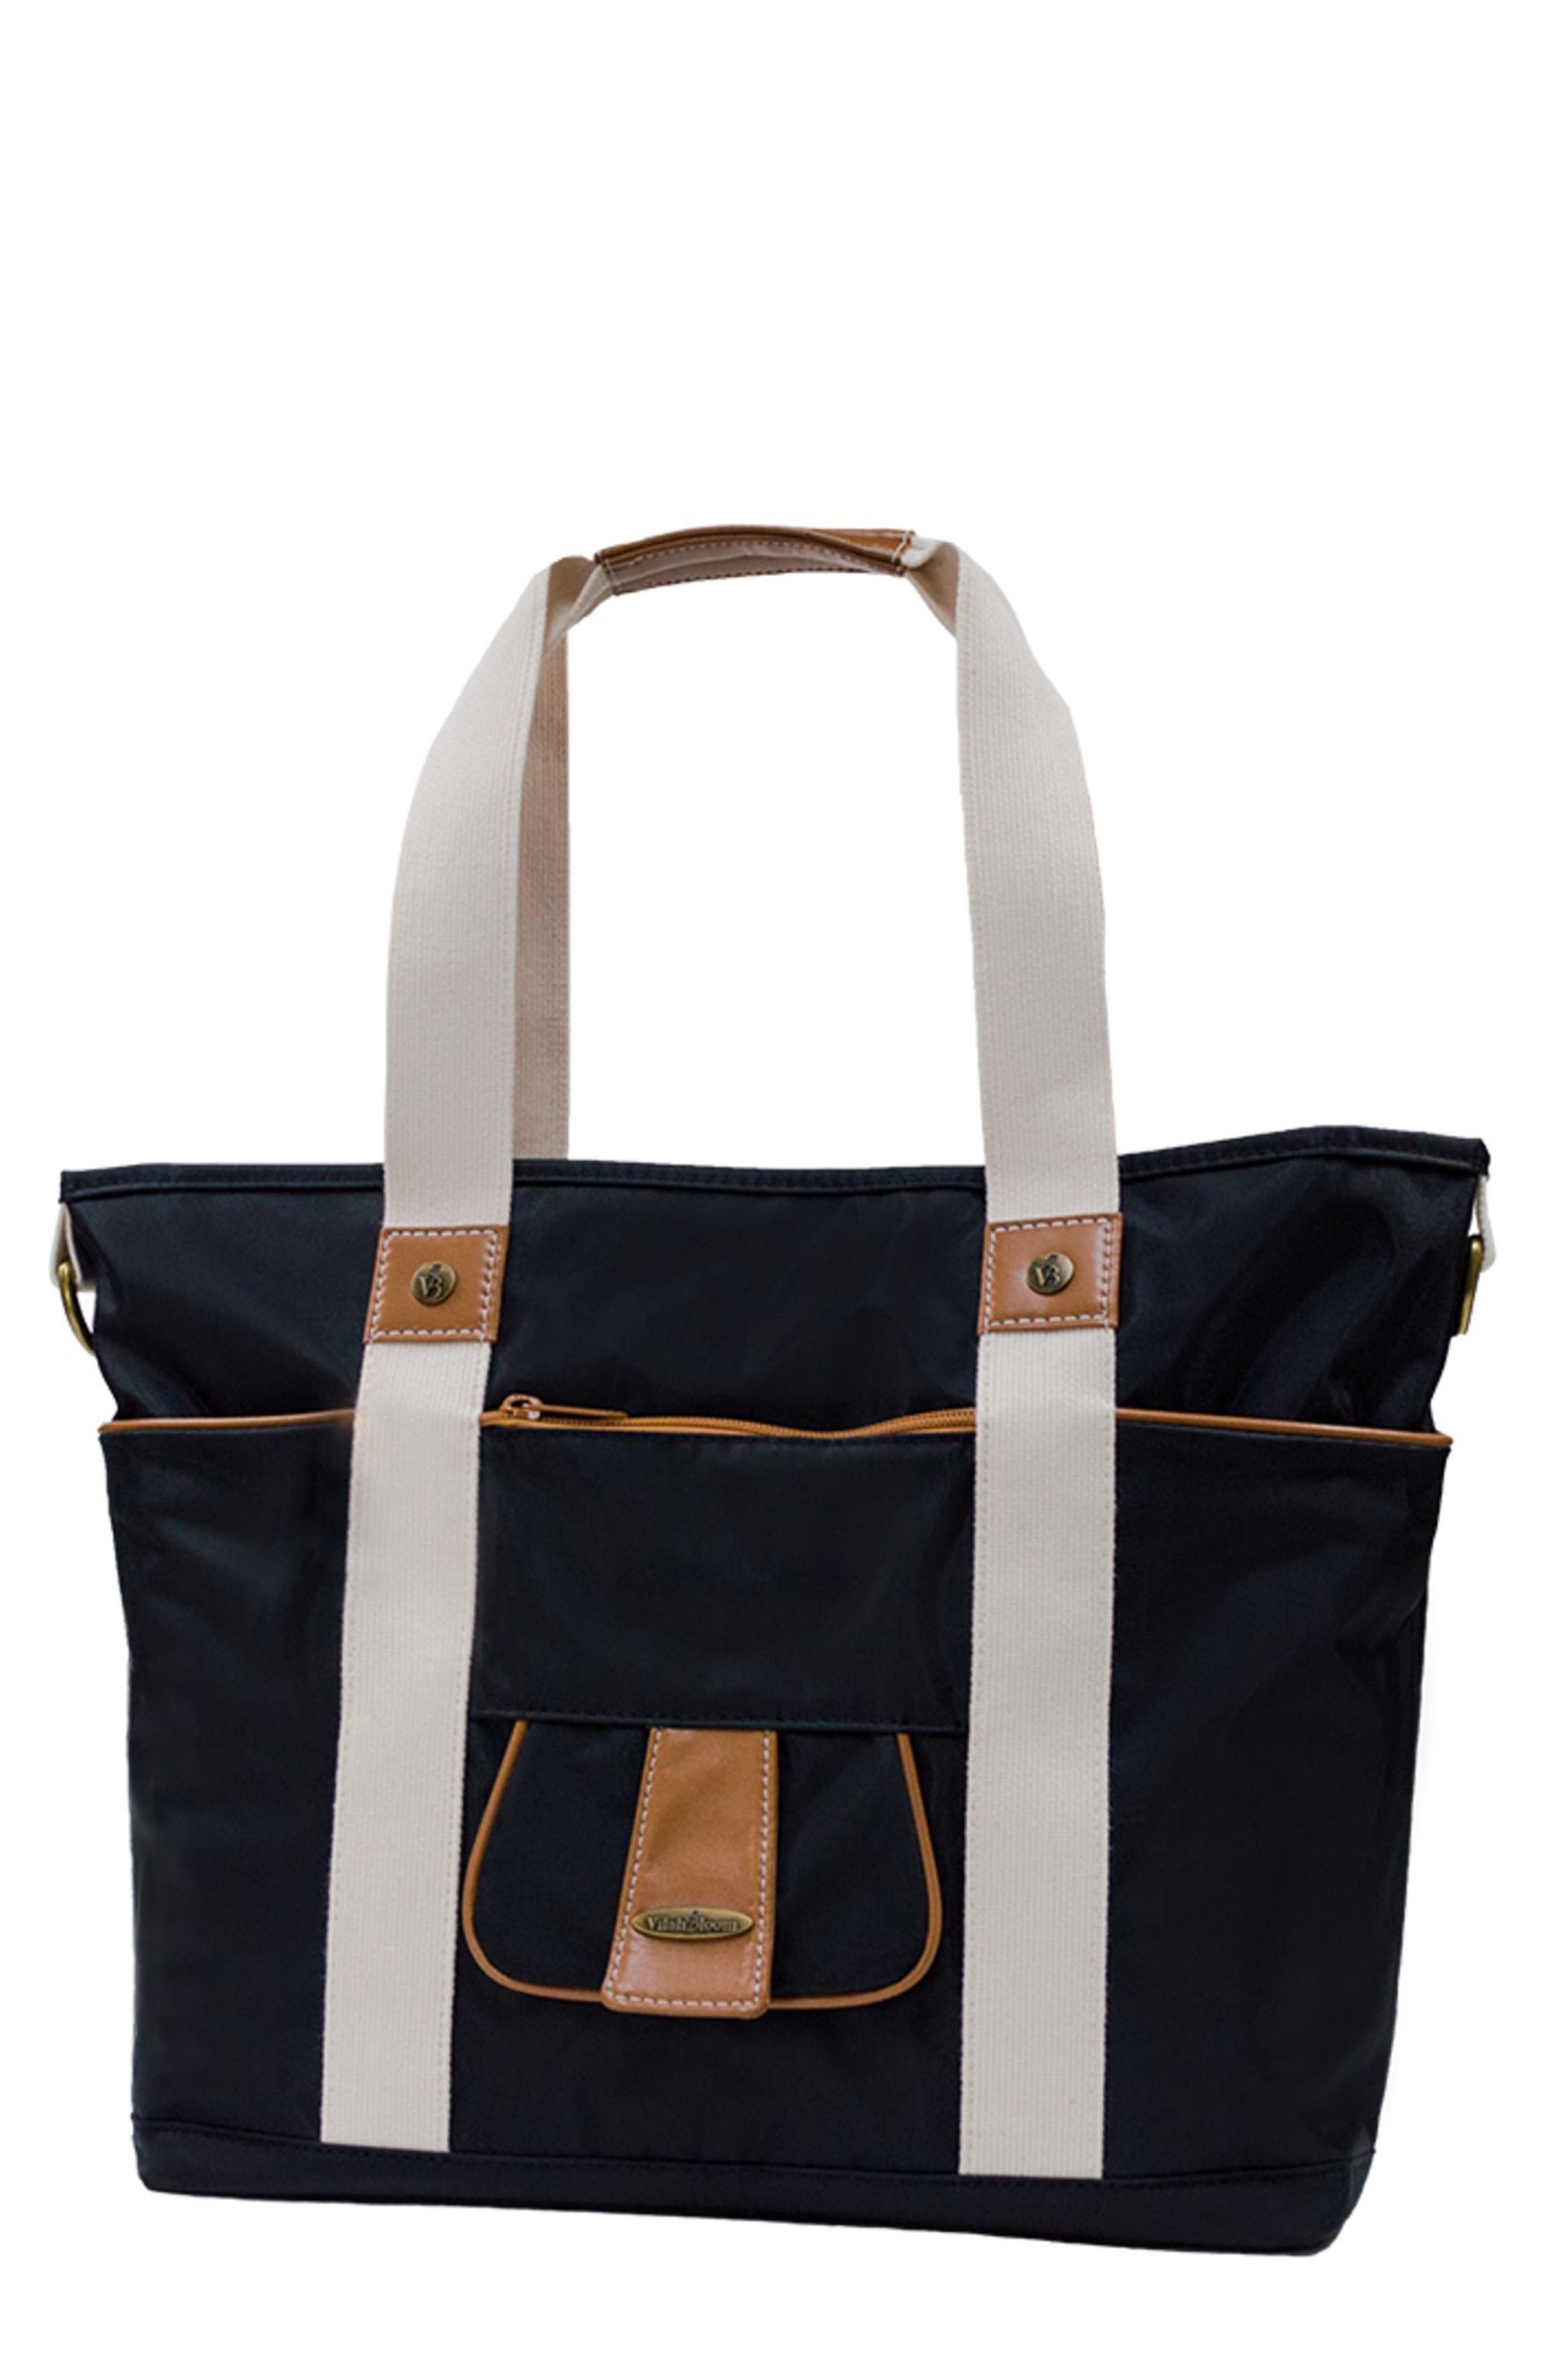 Harbor Side Tote Diaper Bag,                         Main,                         color, Black